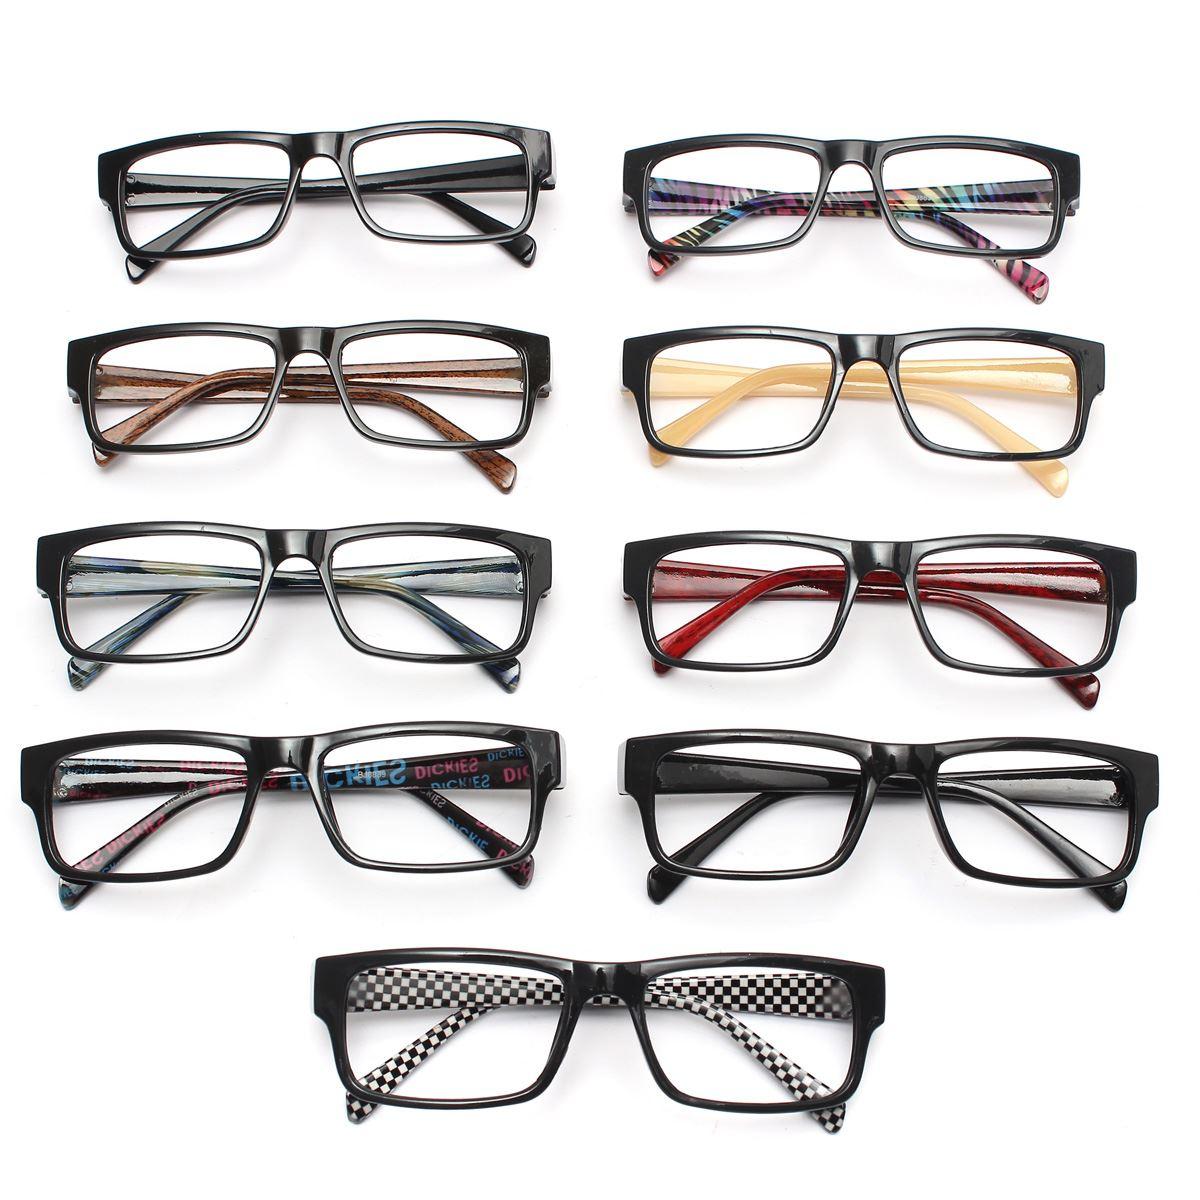 Chicago Eye Frame Materials Matter - Materials Matter